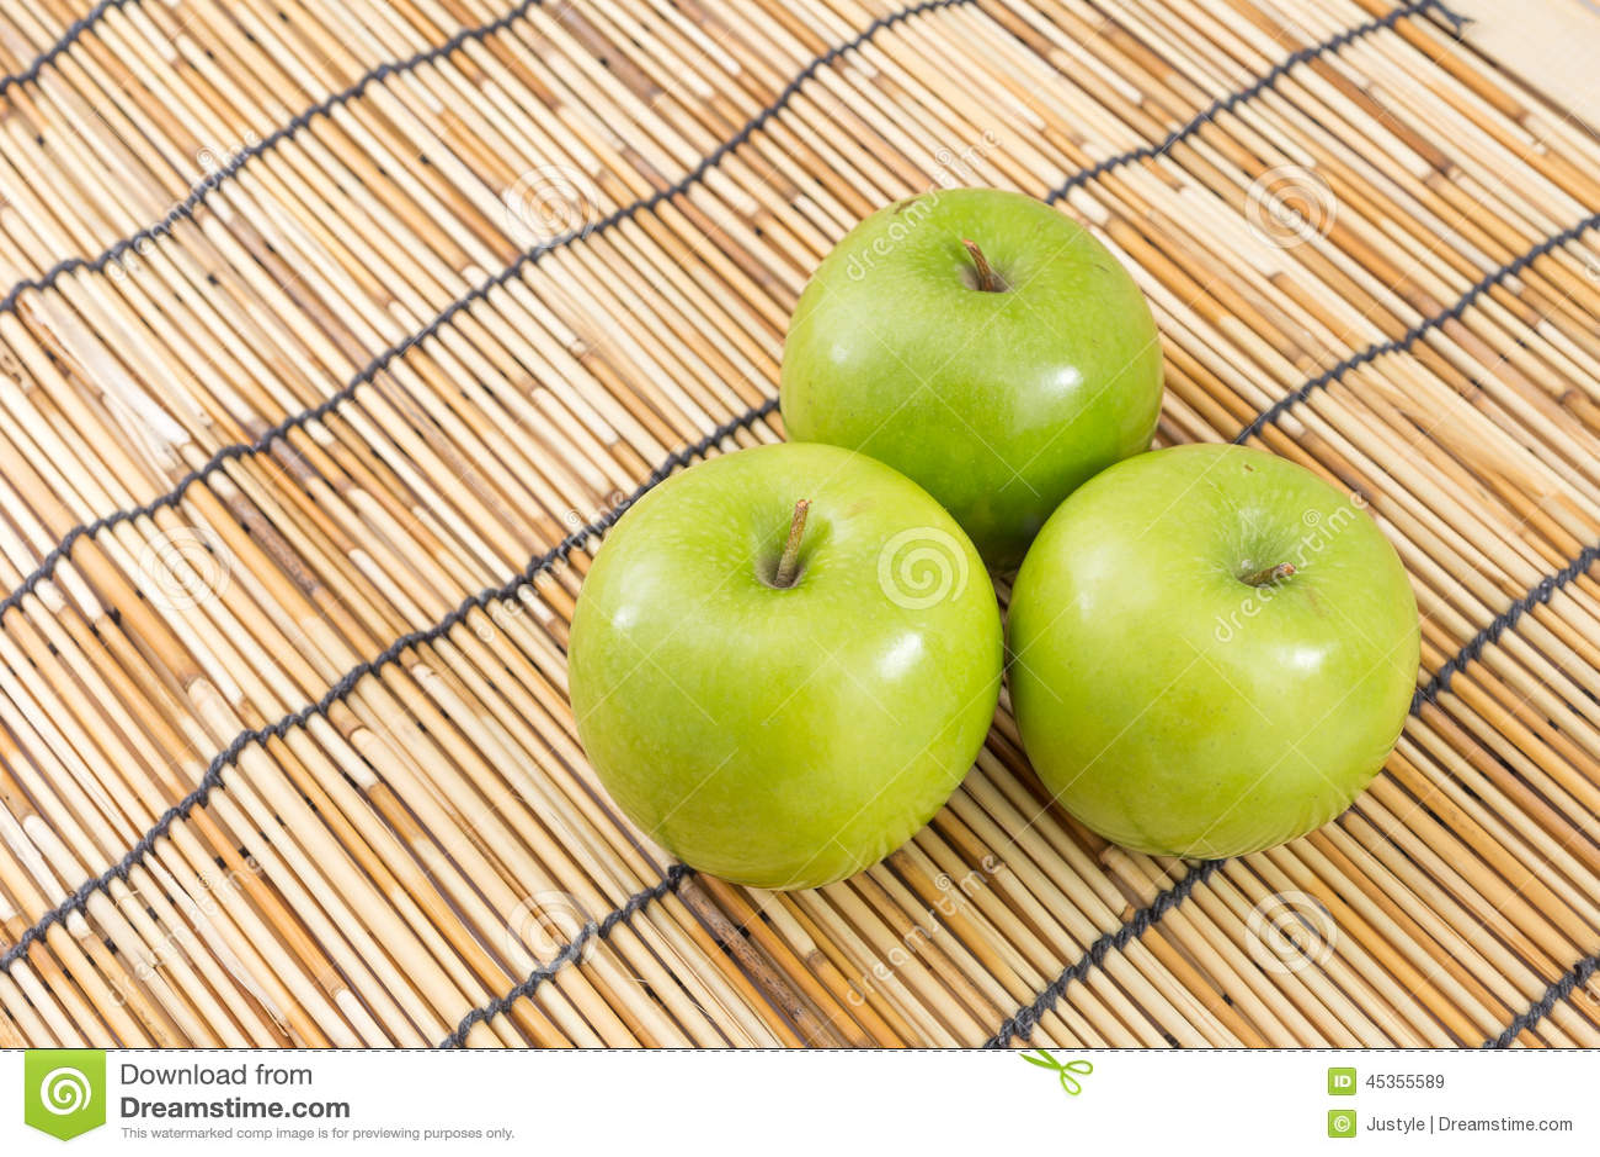 Pomme verte sur le tapis